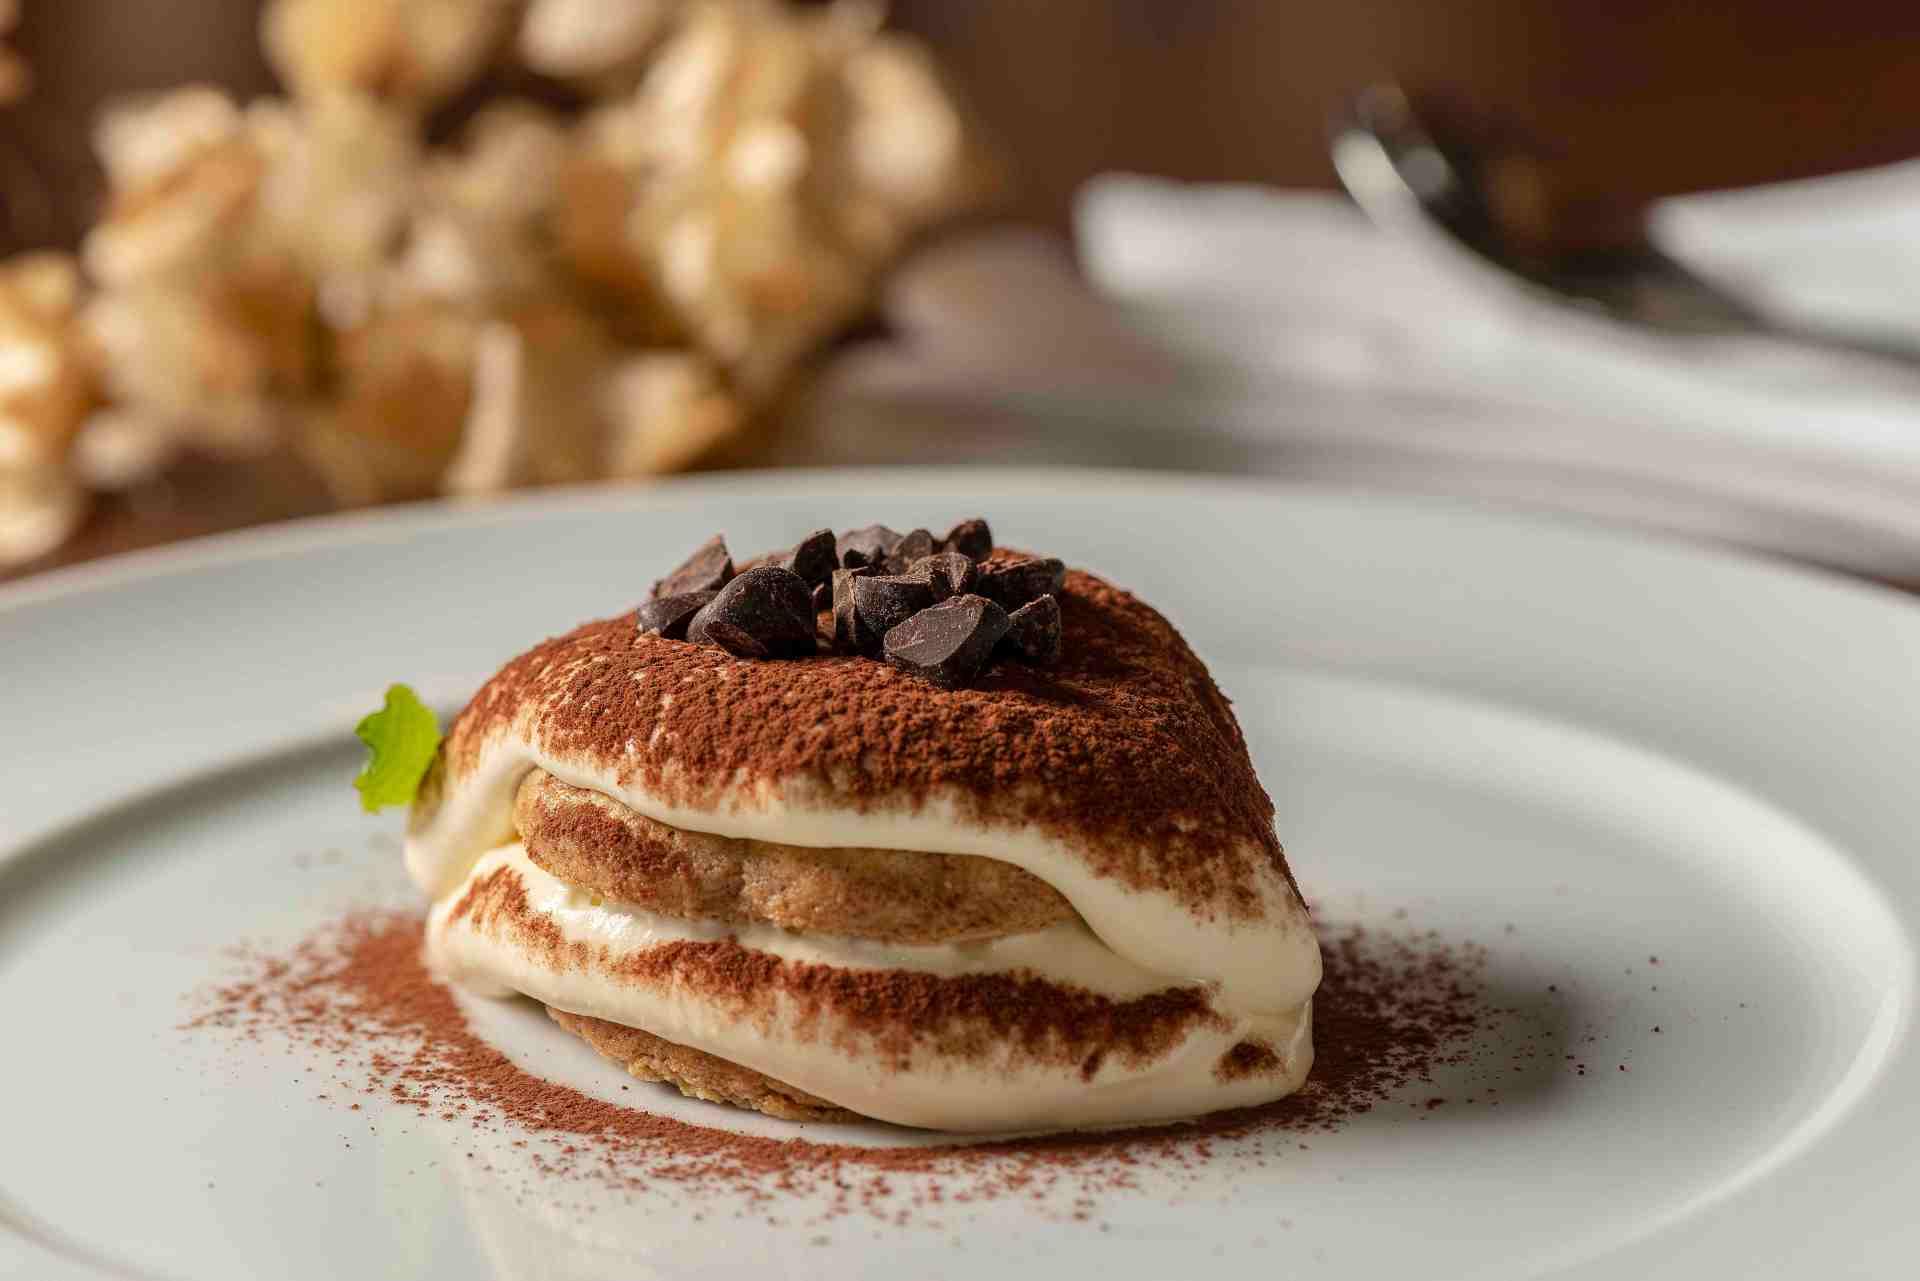 Restaurantes e chefs renomados ensinam receitas com café